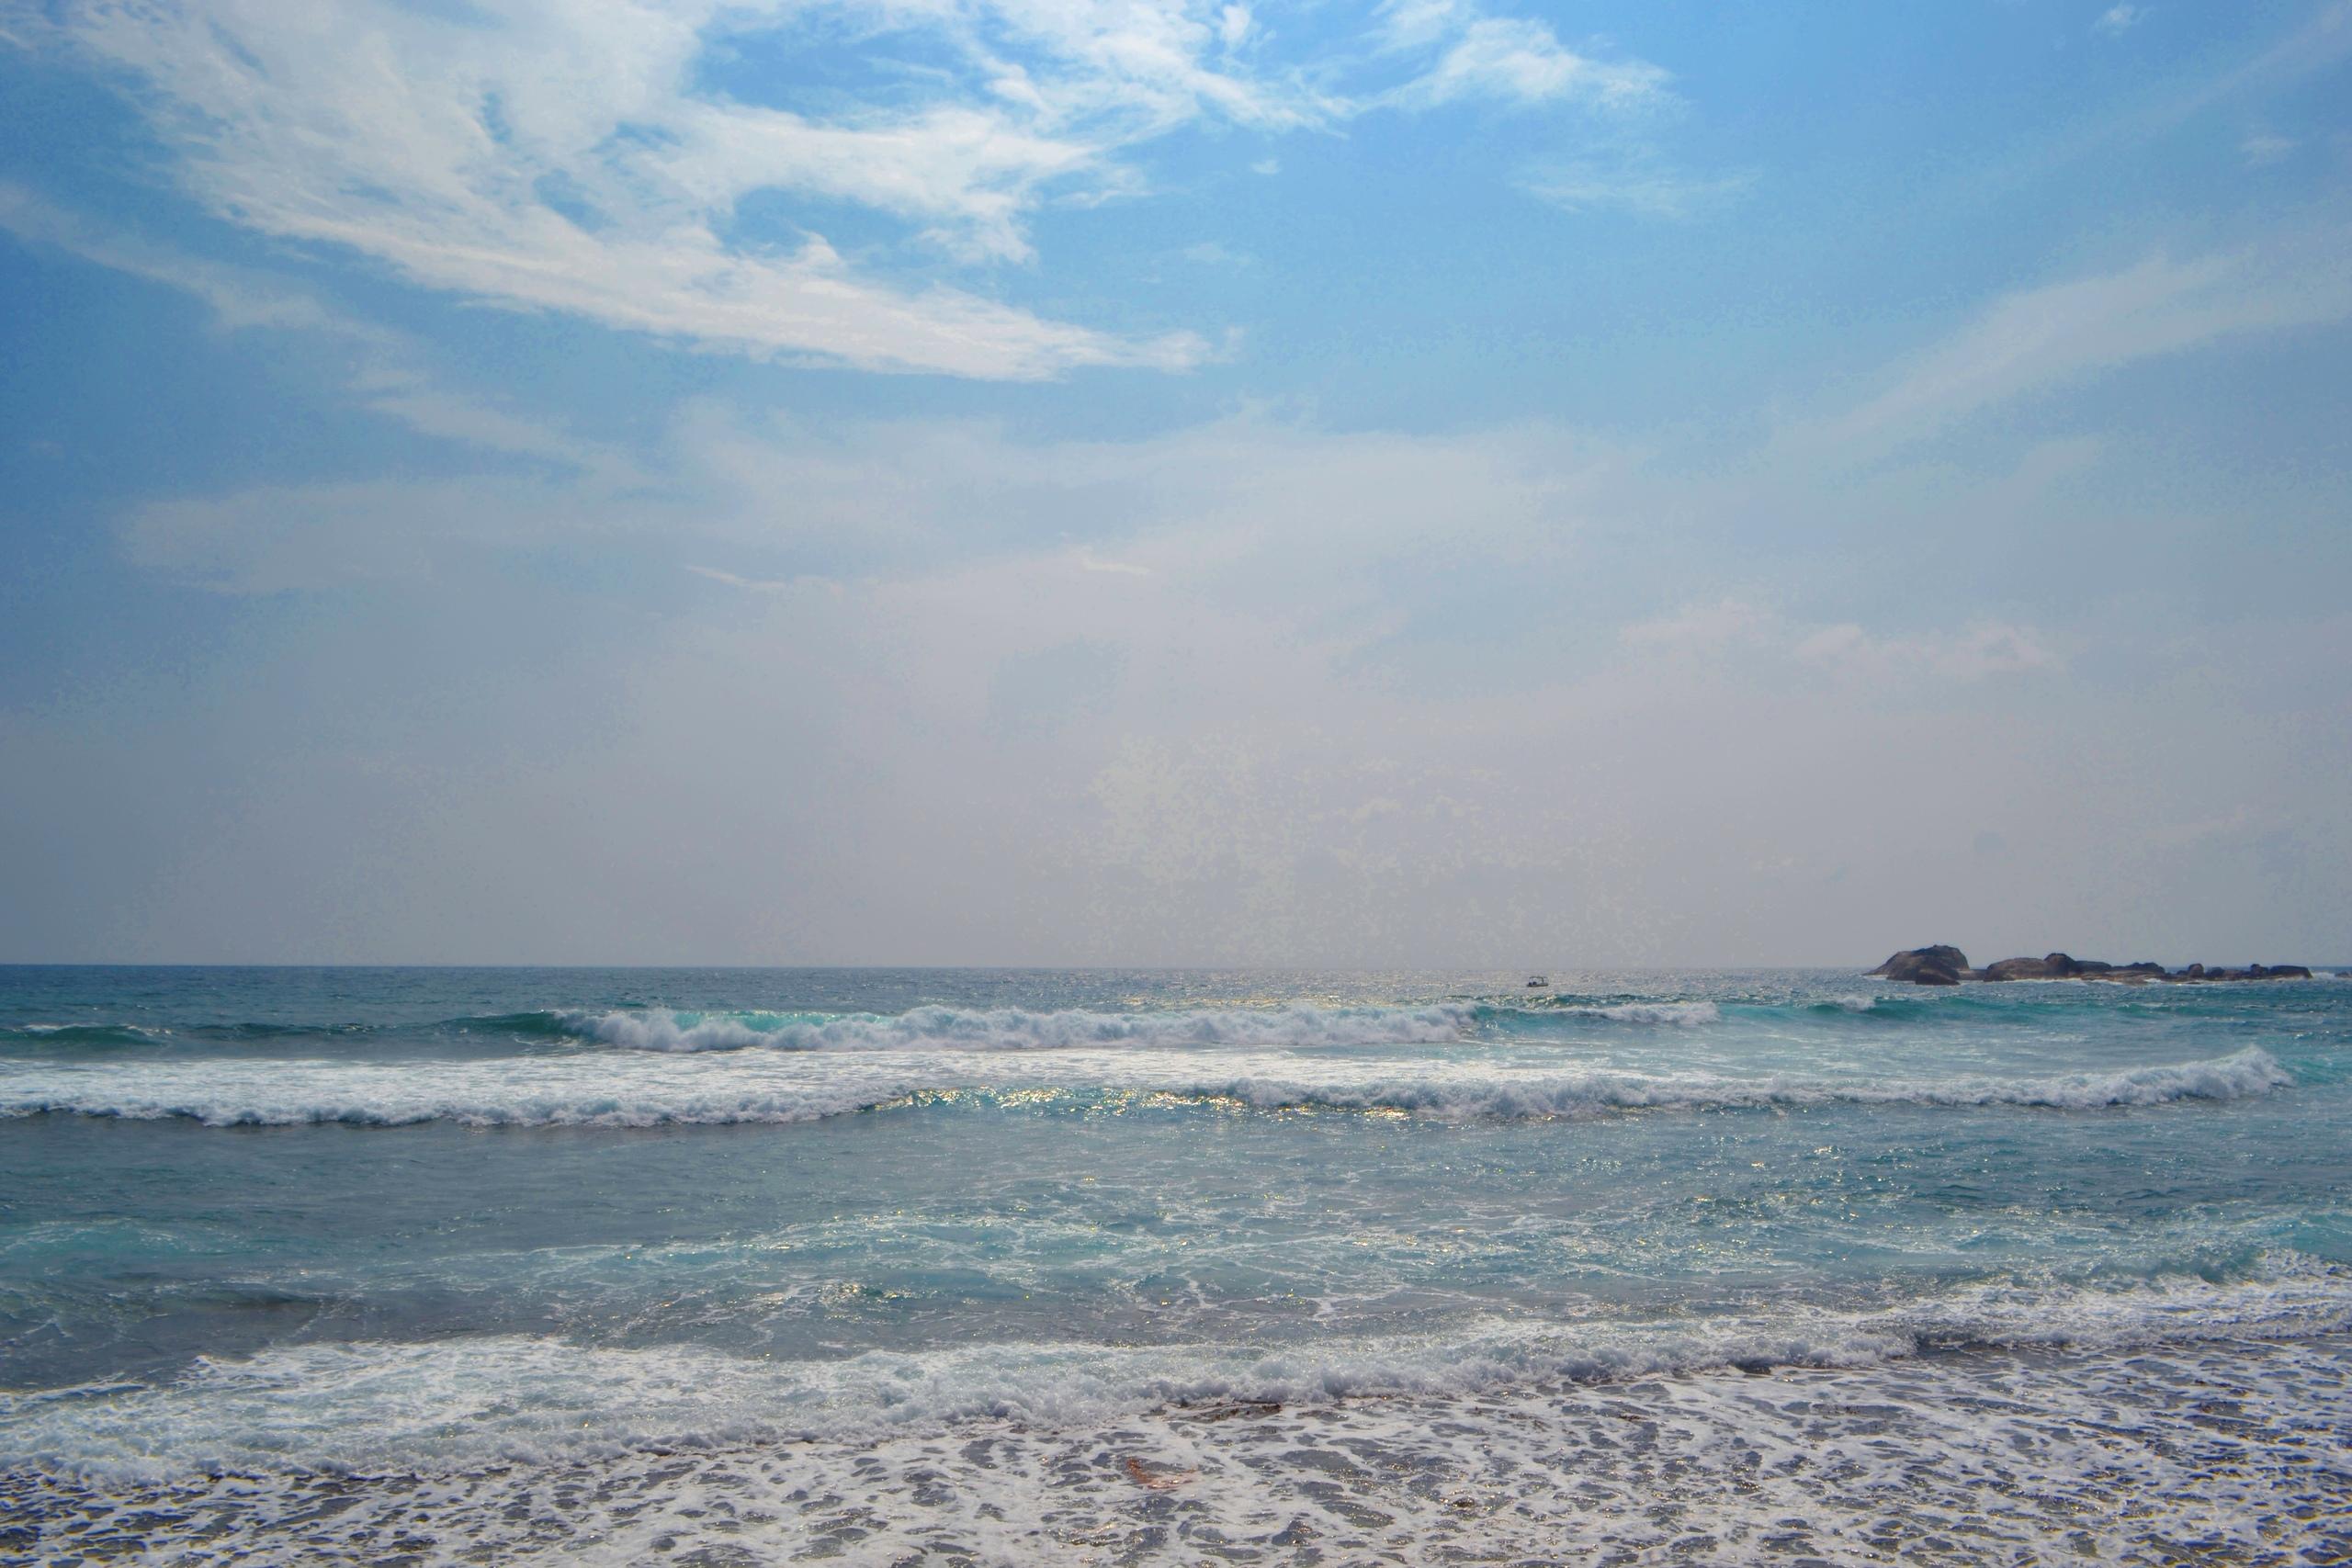 Шри Ланка (фото) GykRl8JEk5Y